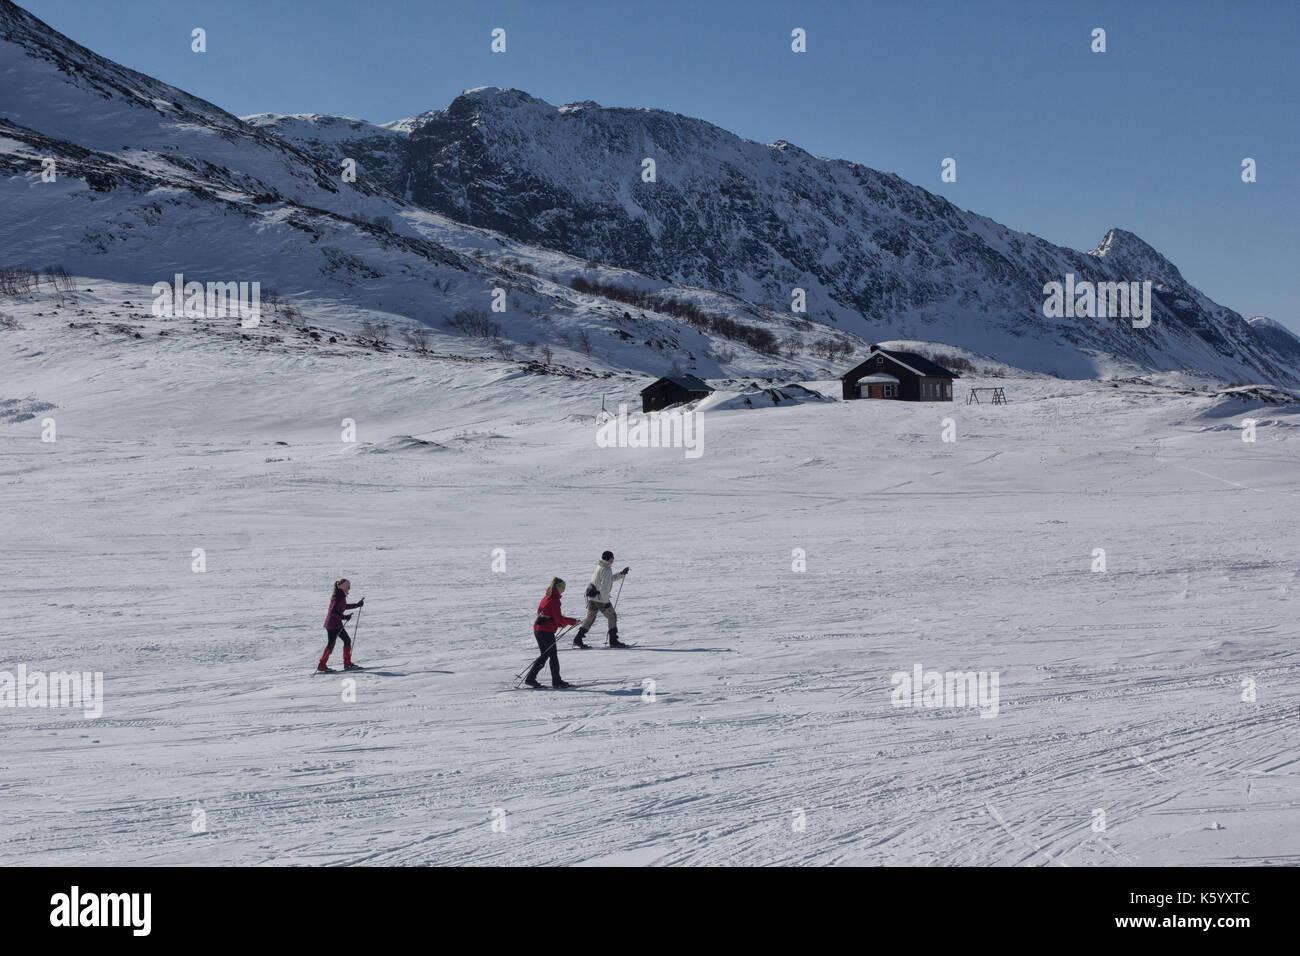 Winter in Jotunheimen National Park in Norway - Stock Image